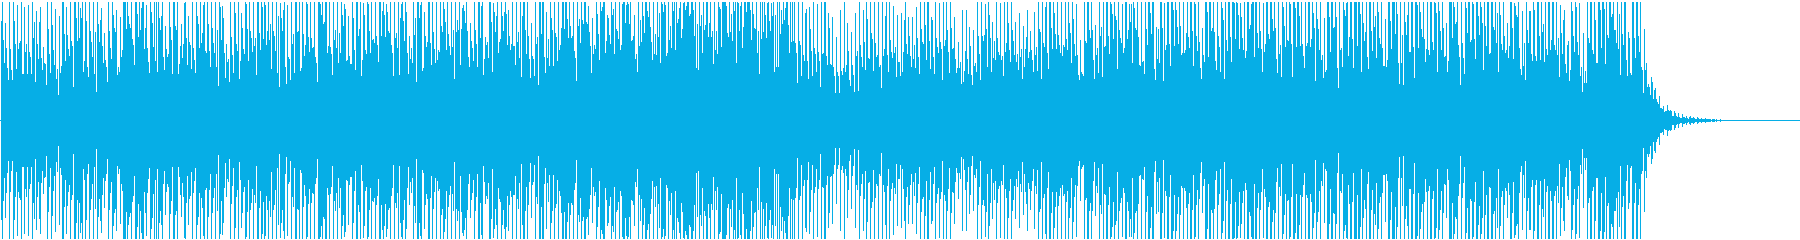 CMや映像に テクノロジーのある空間像の再生済みの波形